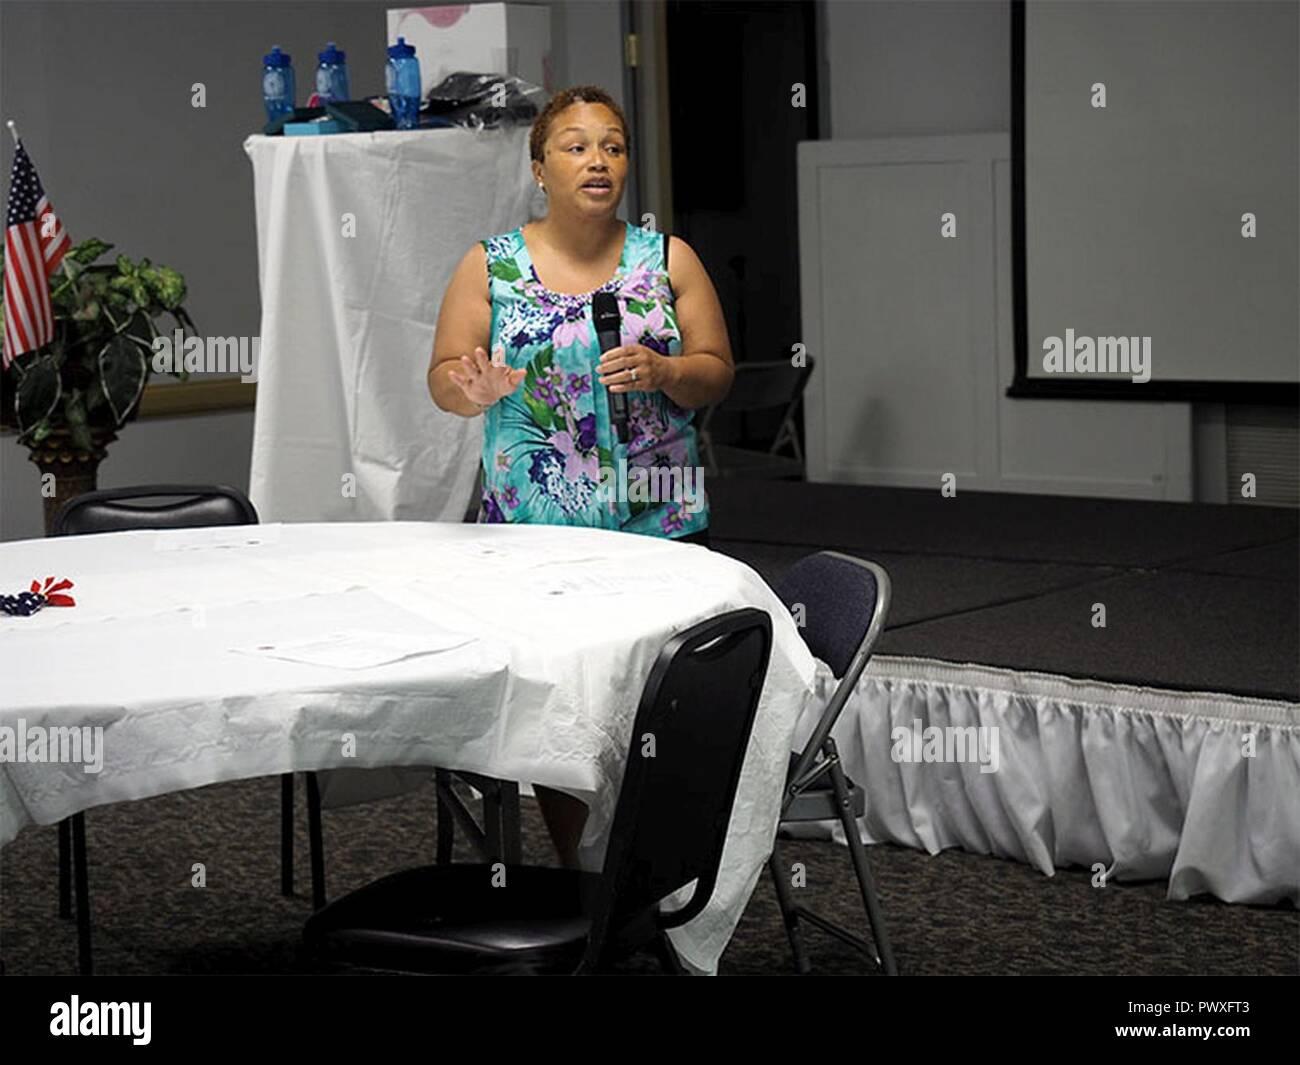 Ramonda Pollard, Columbia Autorità di alloggiamento, sottolinea l'accordo di partenariato e di determinazione di fine veterano dei senzatetto in Carolina del Sud presso l'HUD-VASH Fiera di alloggiamento, 21 giugno in Colombia. Immagini Stock